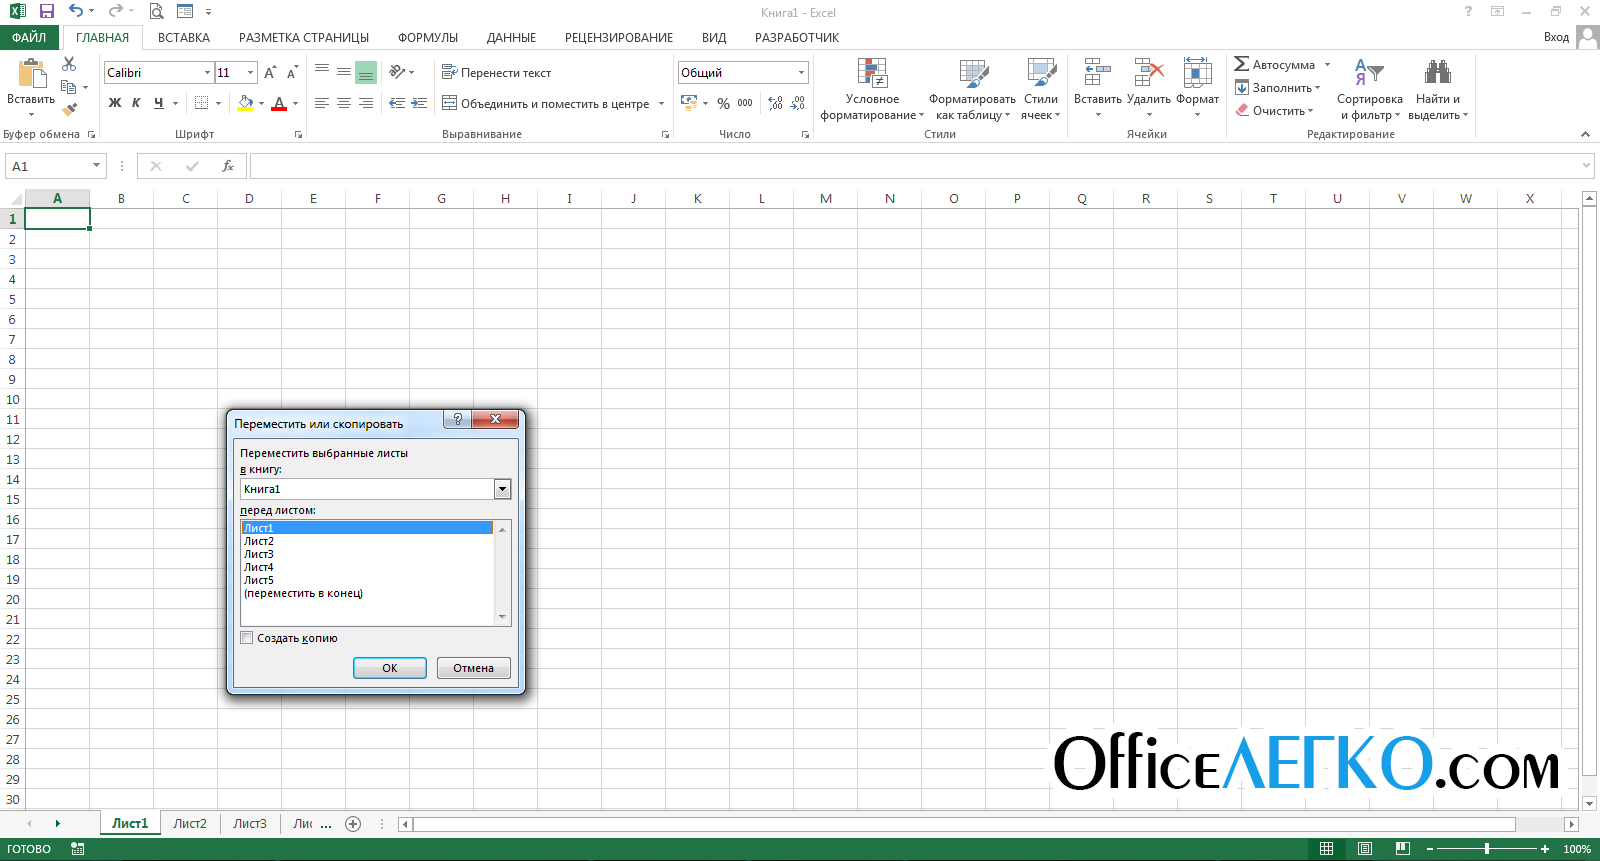 Как создать таблицу в Excel 2013 с точными размерами